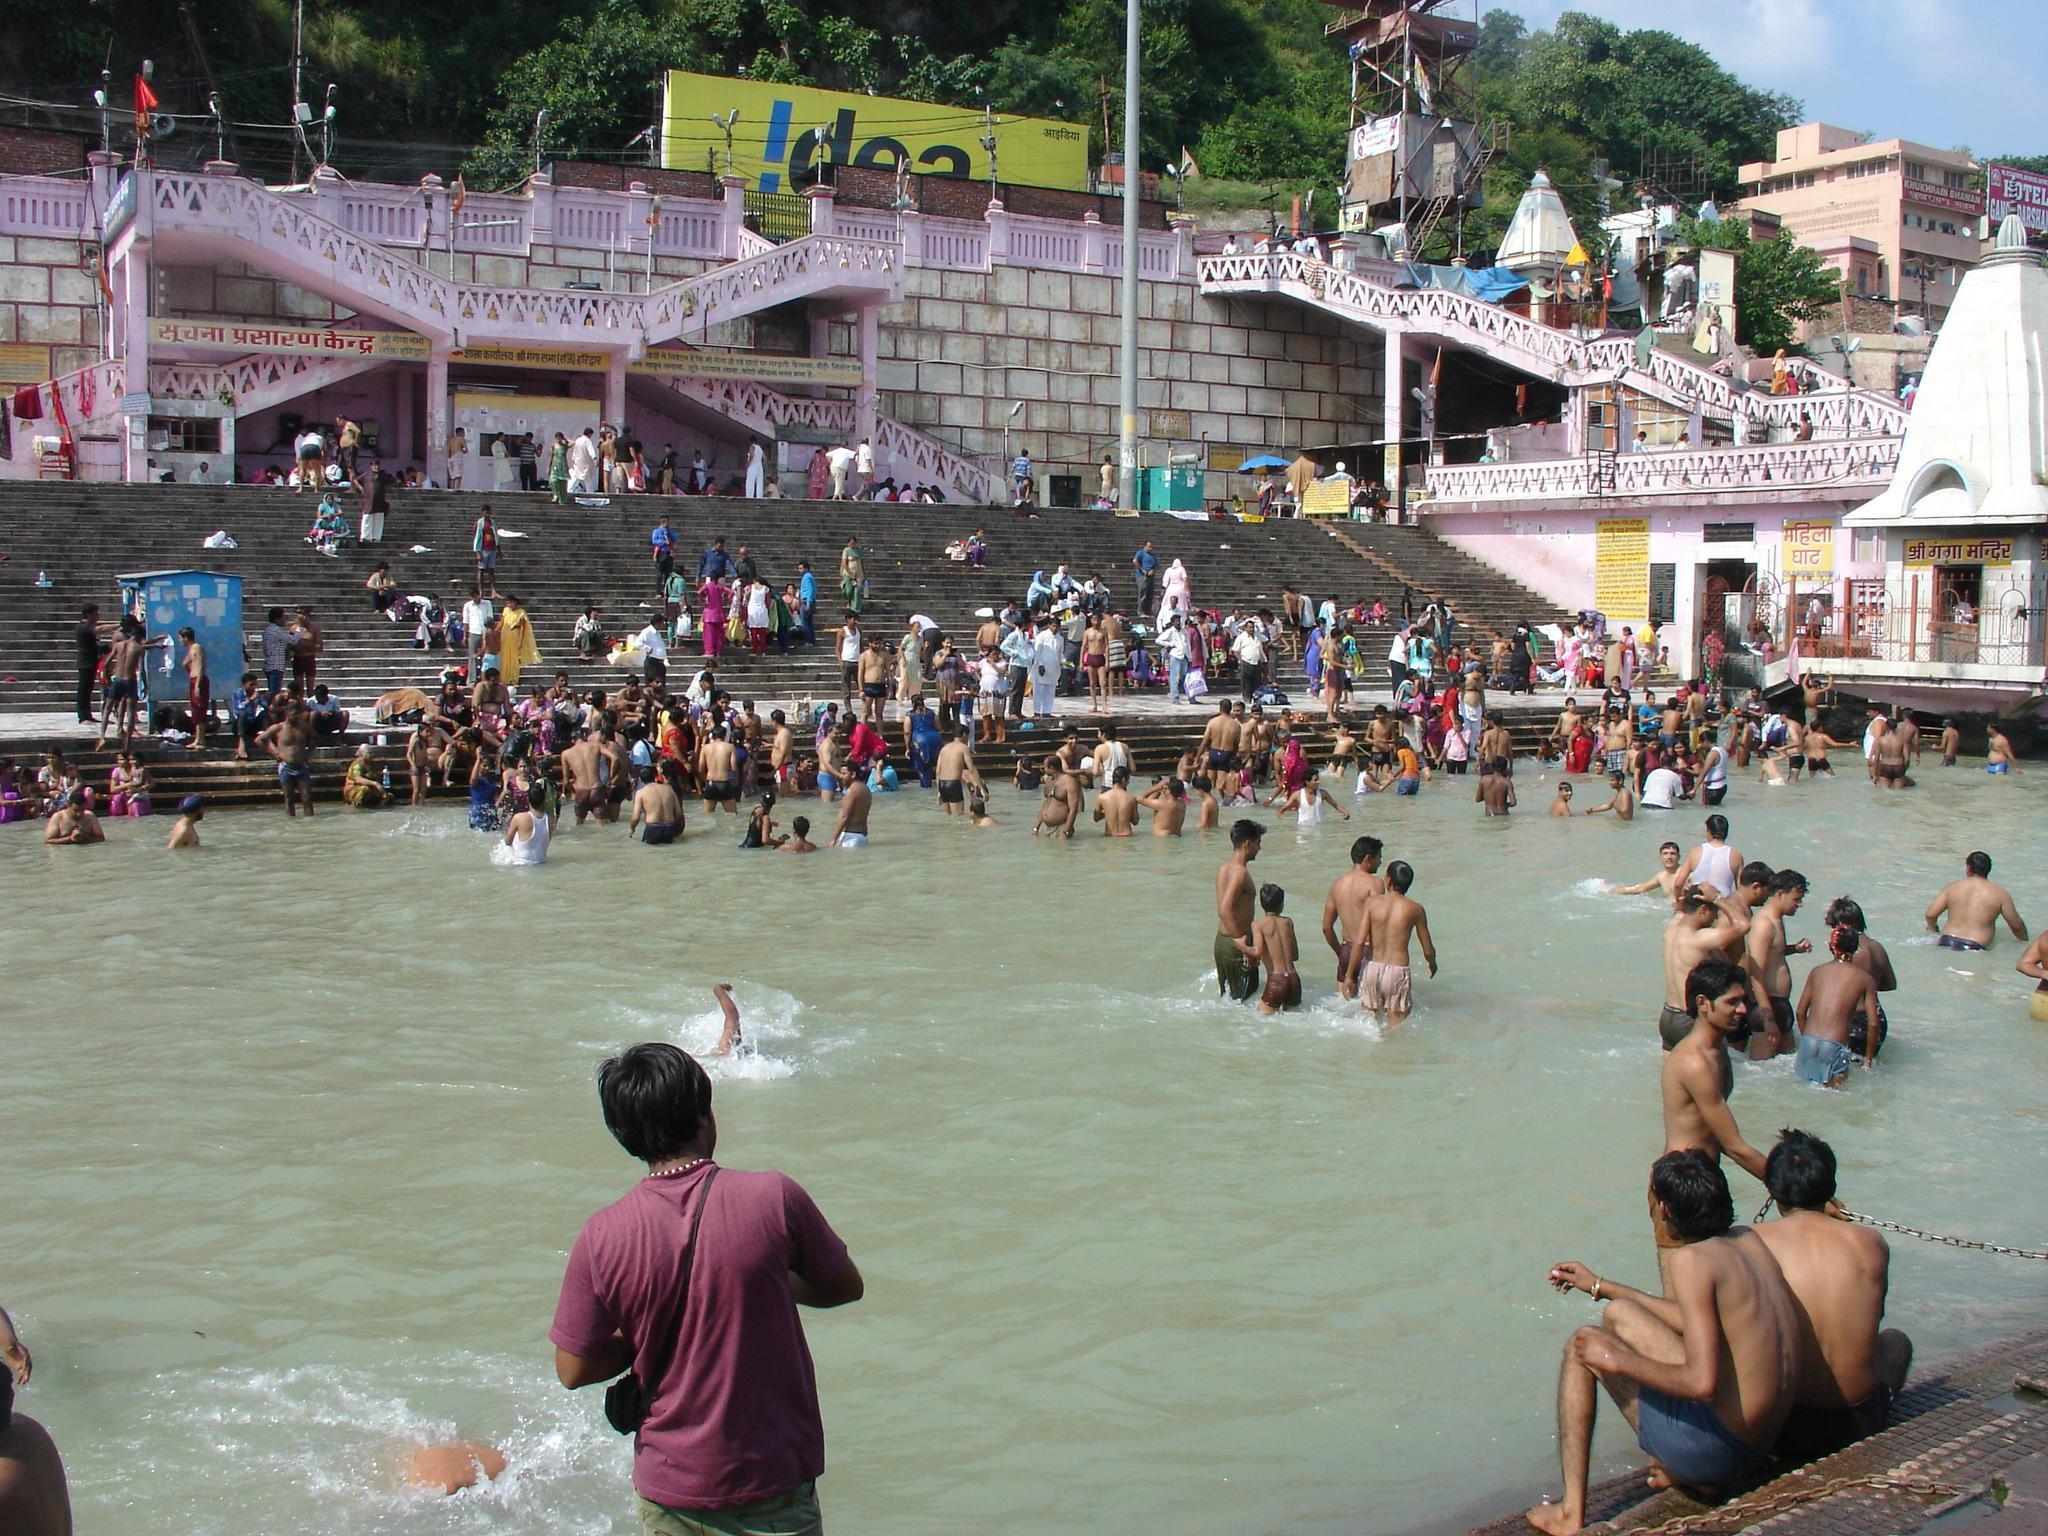 Holy Dip in the Ganges at Har Ki Pauri by Harinder Kandhari